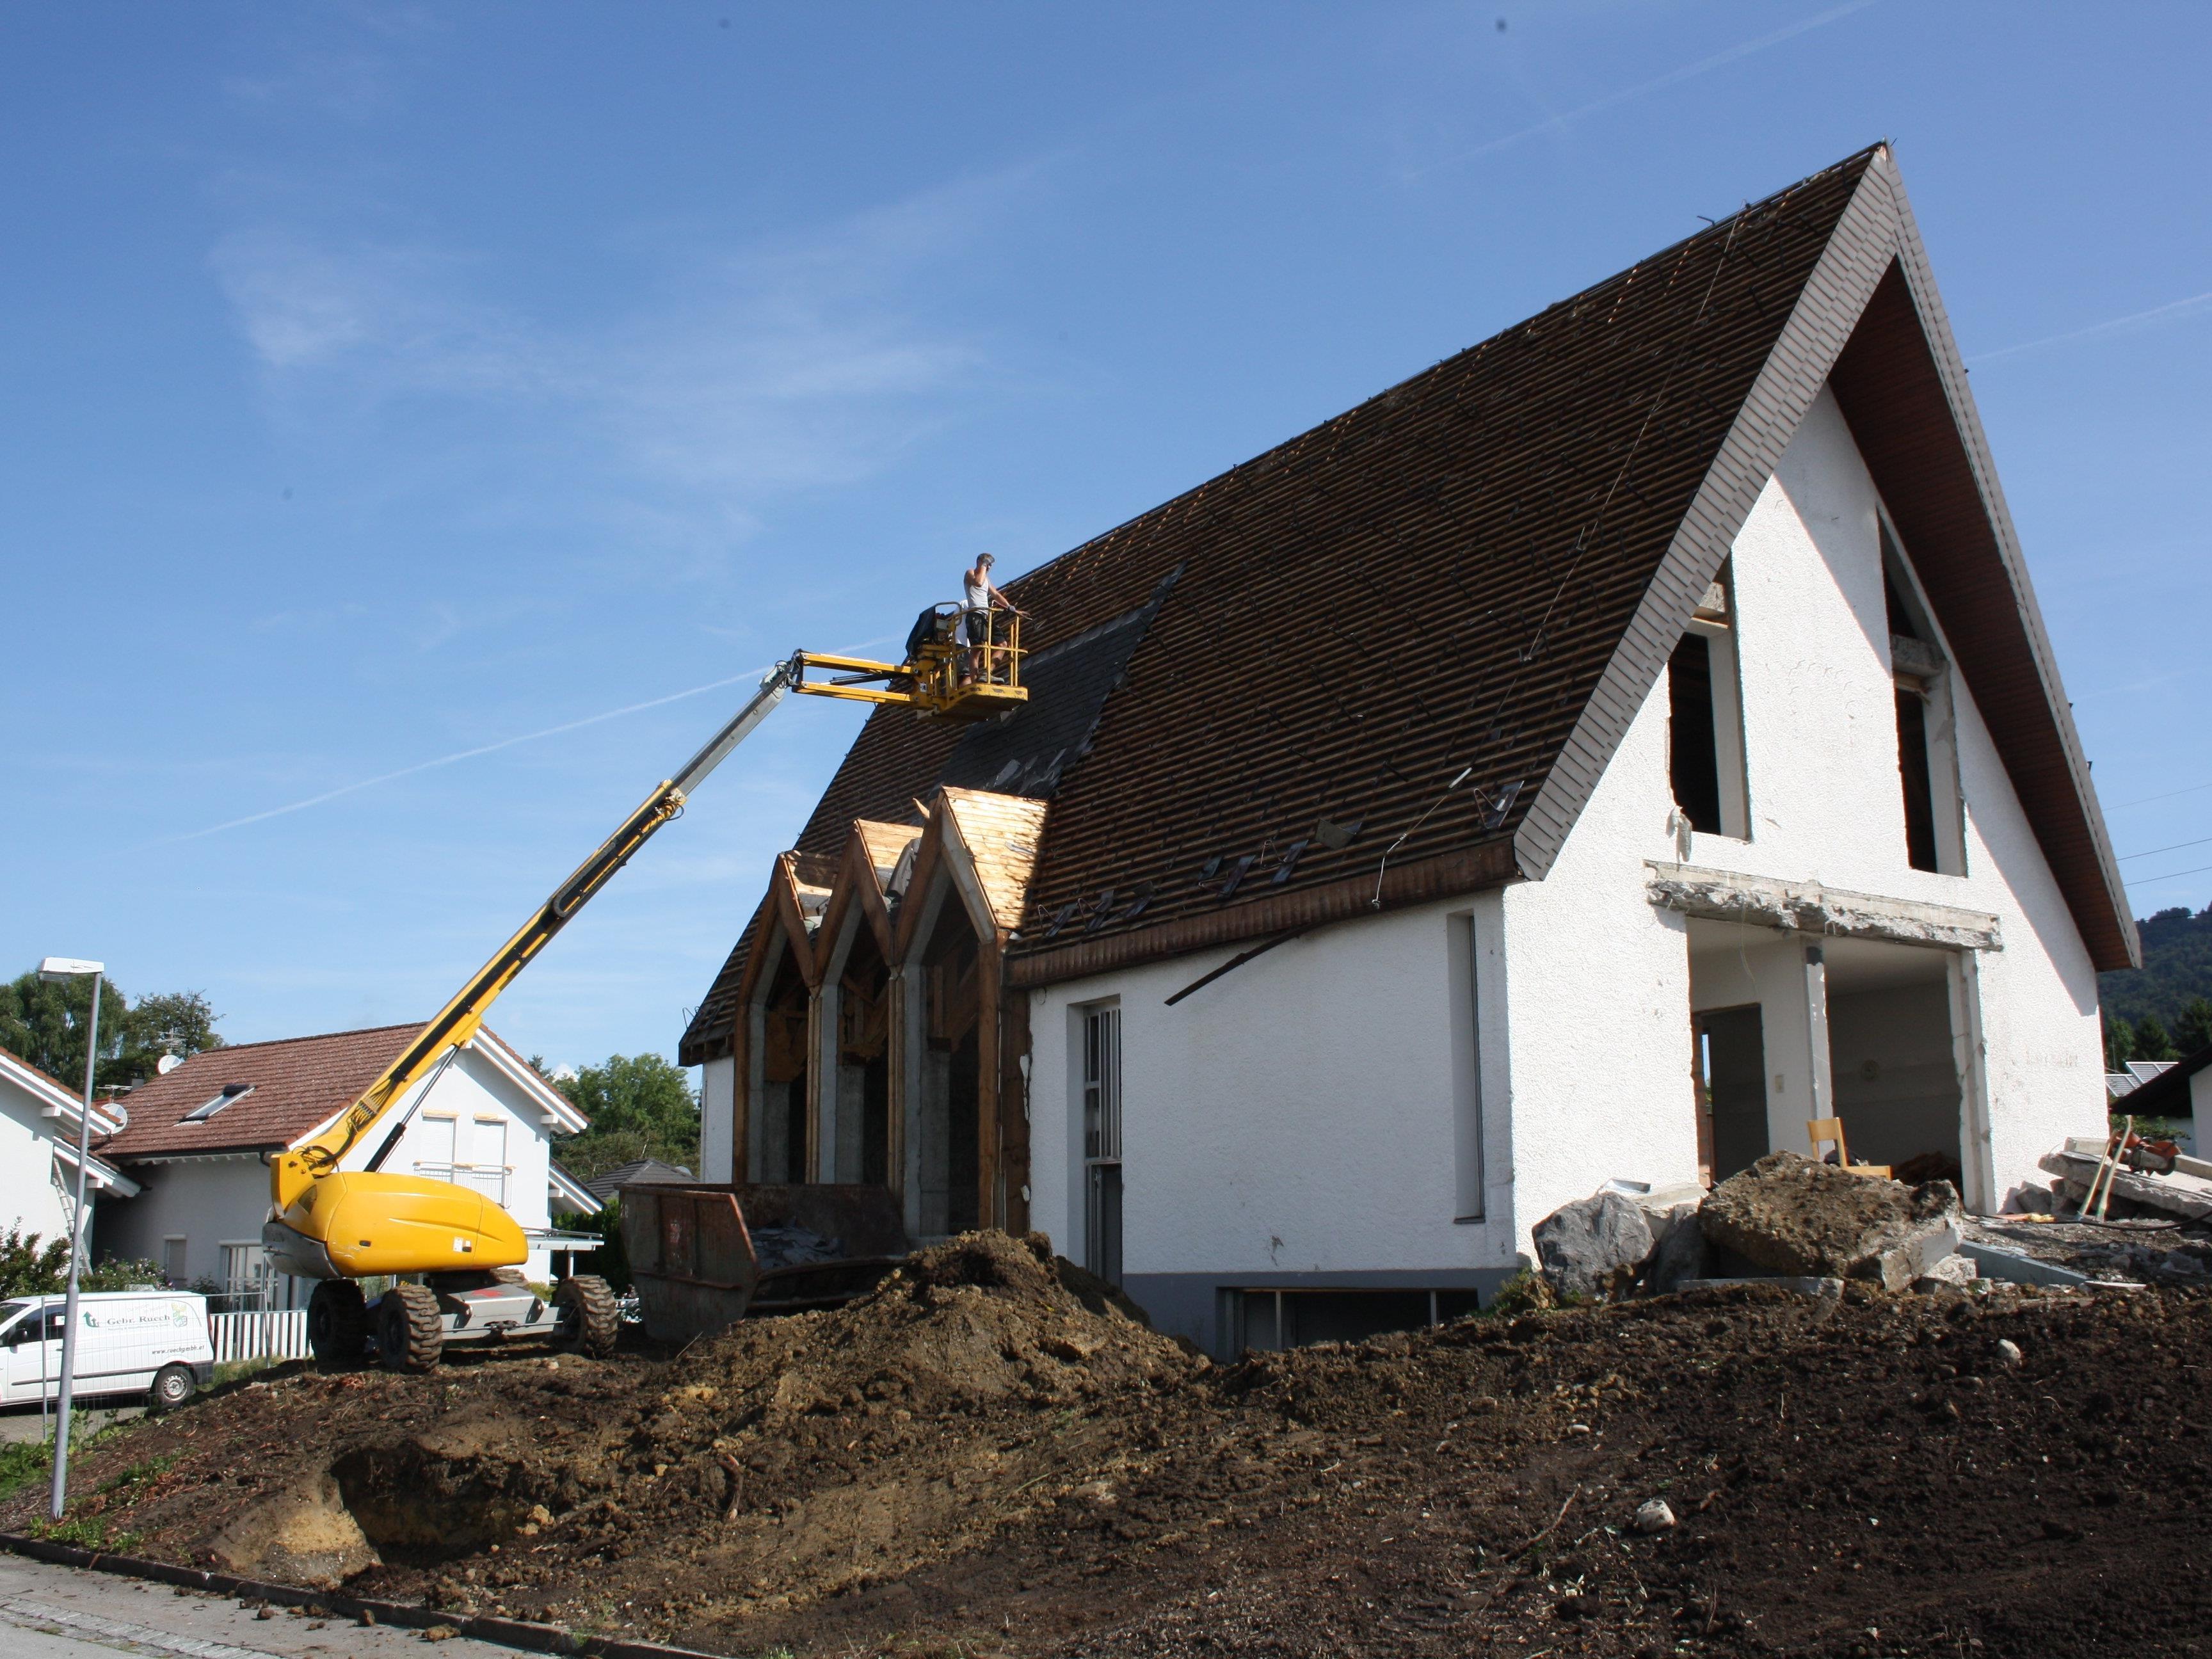 Die Neuapostolische Kapelle an der Dr.-Huber-Straße in Lochau wird abgebrochen und macht damit Platz für eine Kleinwohnanlage.